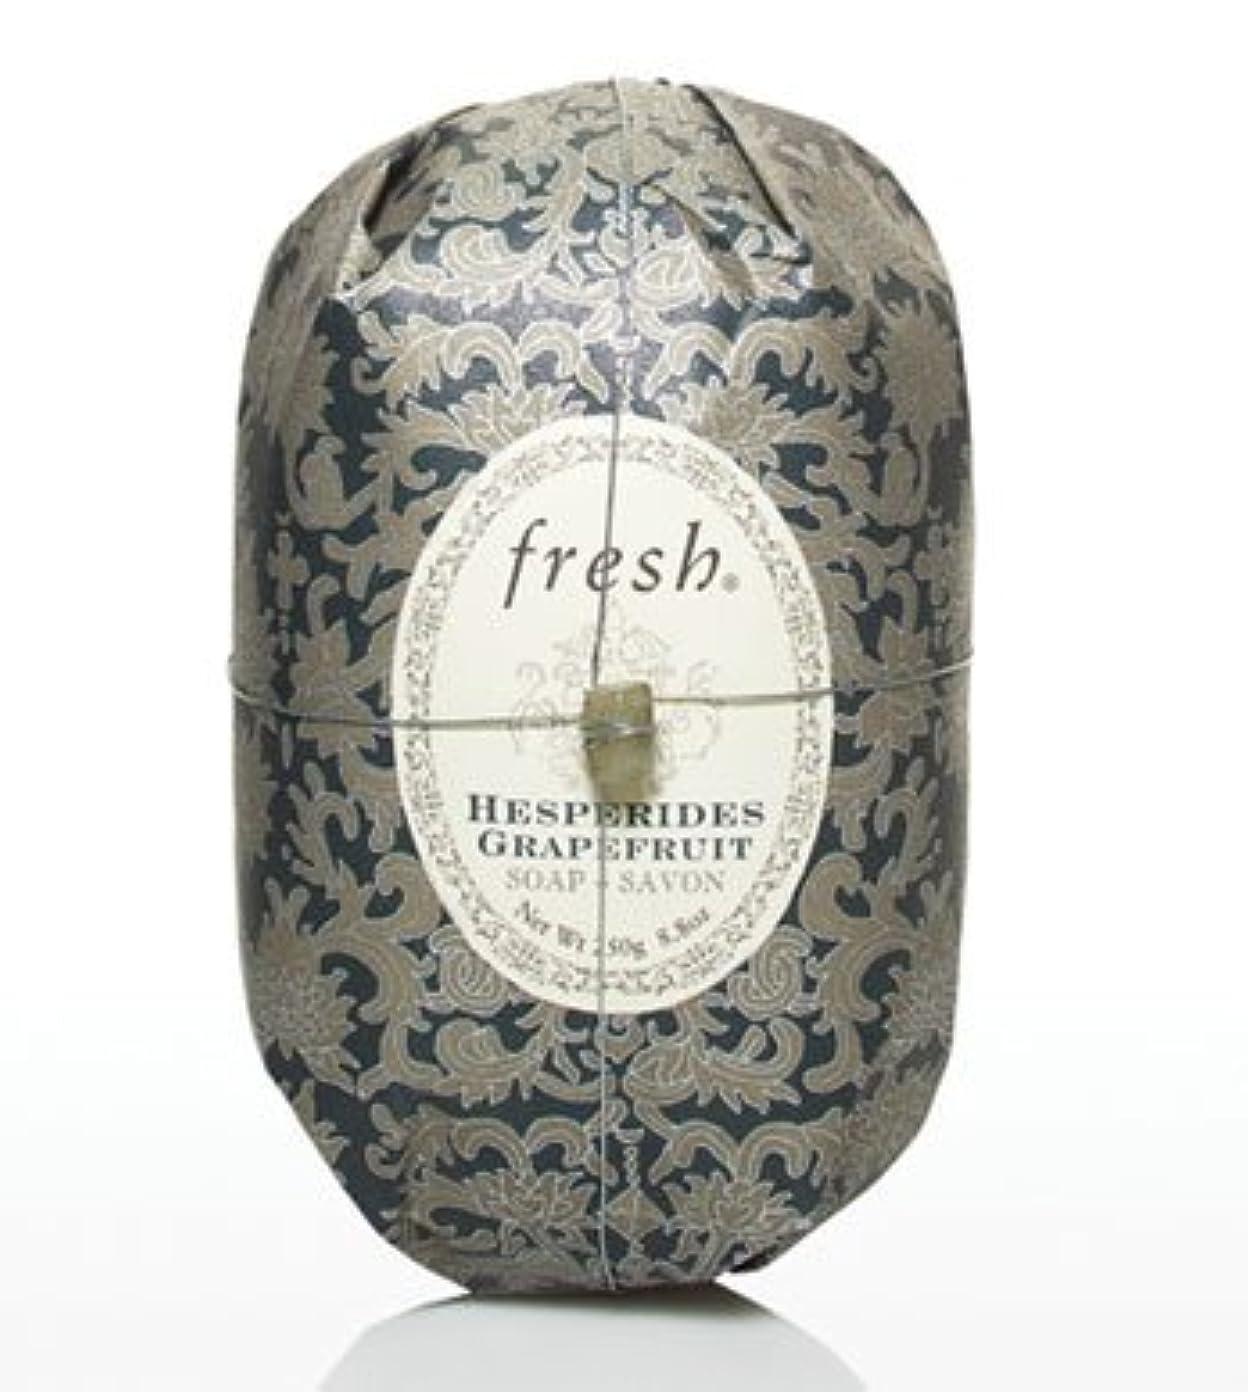 いちゃつく思春期の小包Fresh HESPERIDES GRAPEFRUIT SOAP (フレッシュ ヘスペリデス グレープフルーツ ソープ) 8.8 oz (250g) Soap (石鹸) by Fresh